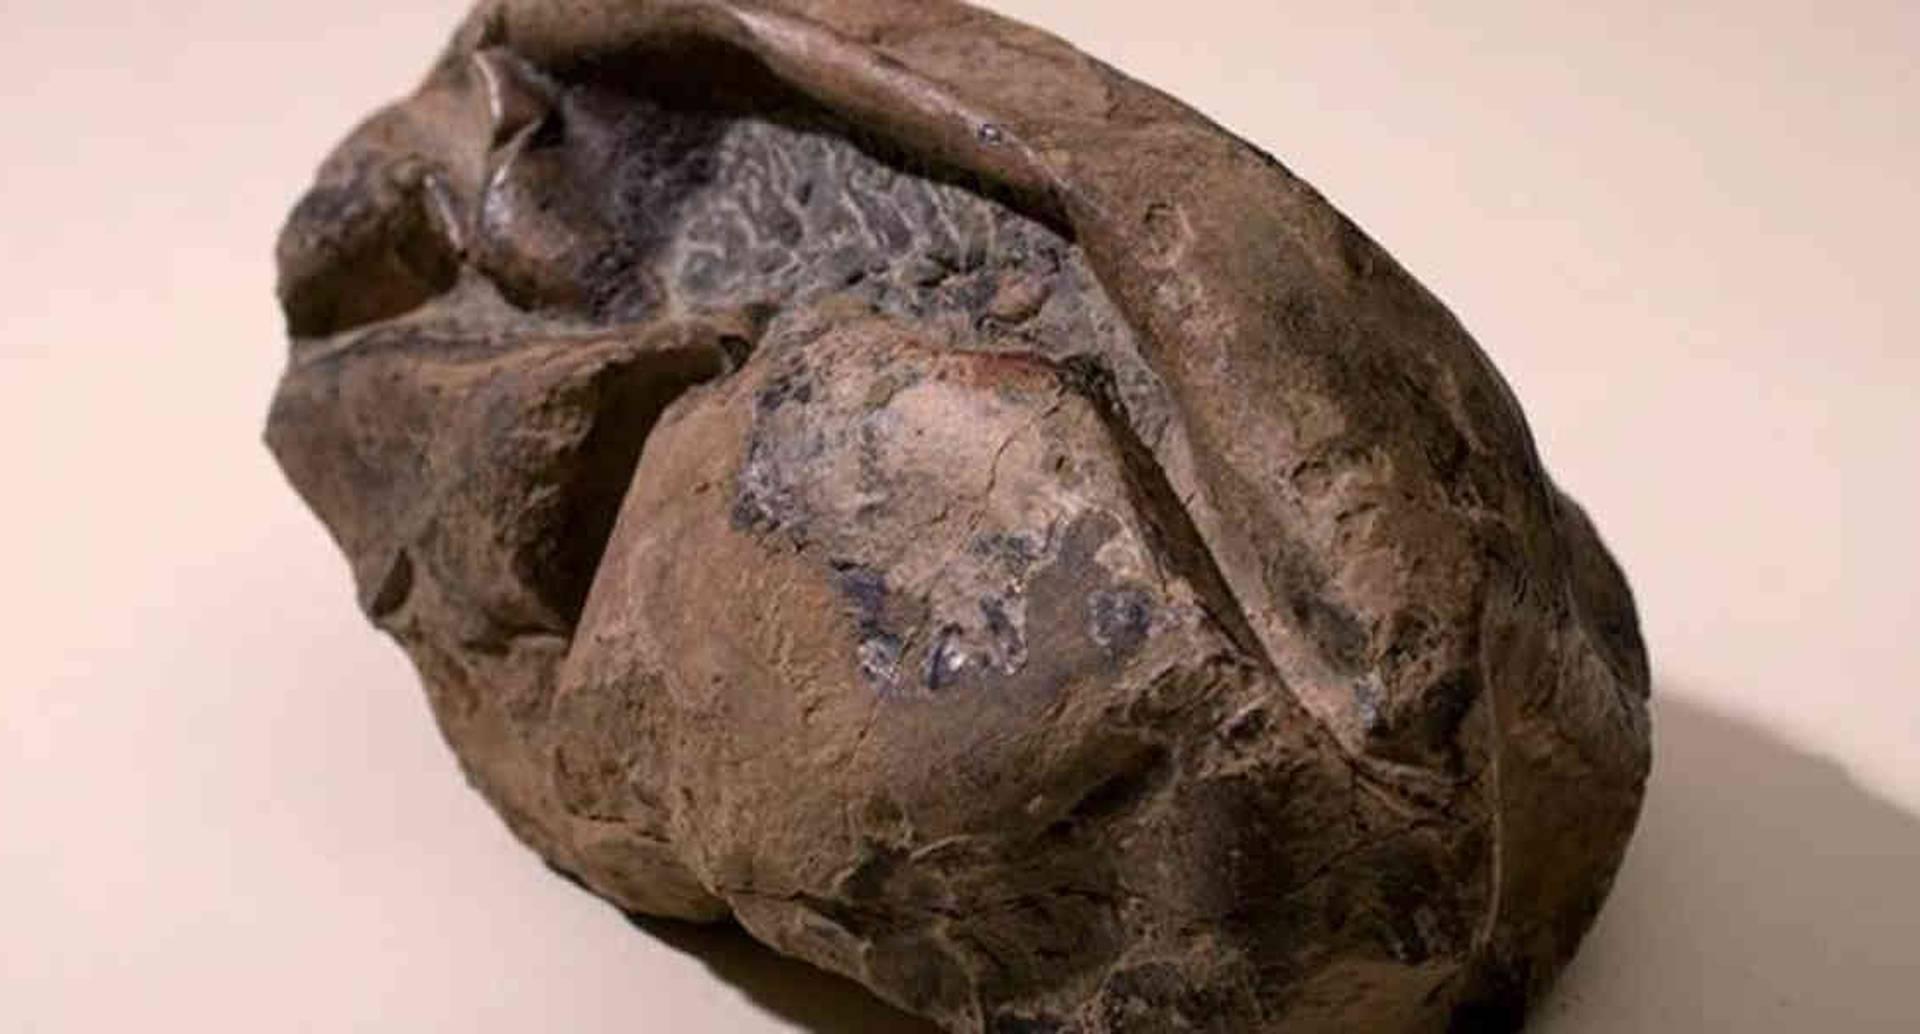 Este es el huevo de dinosauro encontrado en la Antártida. Foto: HANDOUT / CHILEAN NATIONAL MUSEUM OF NATURAL HISTORY / AFP